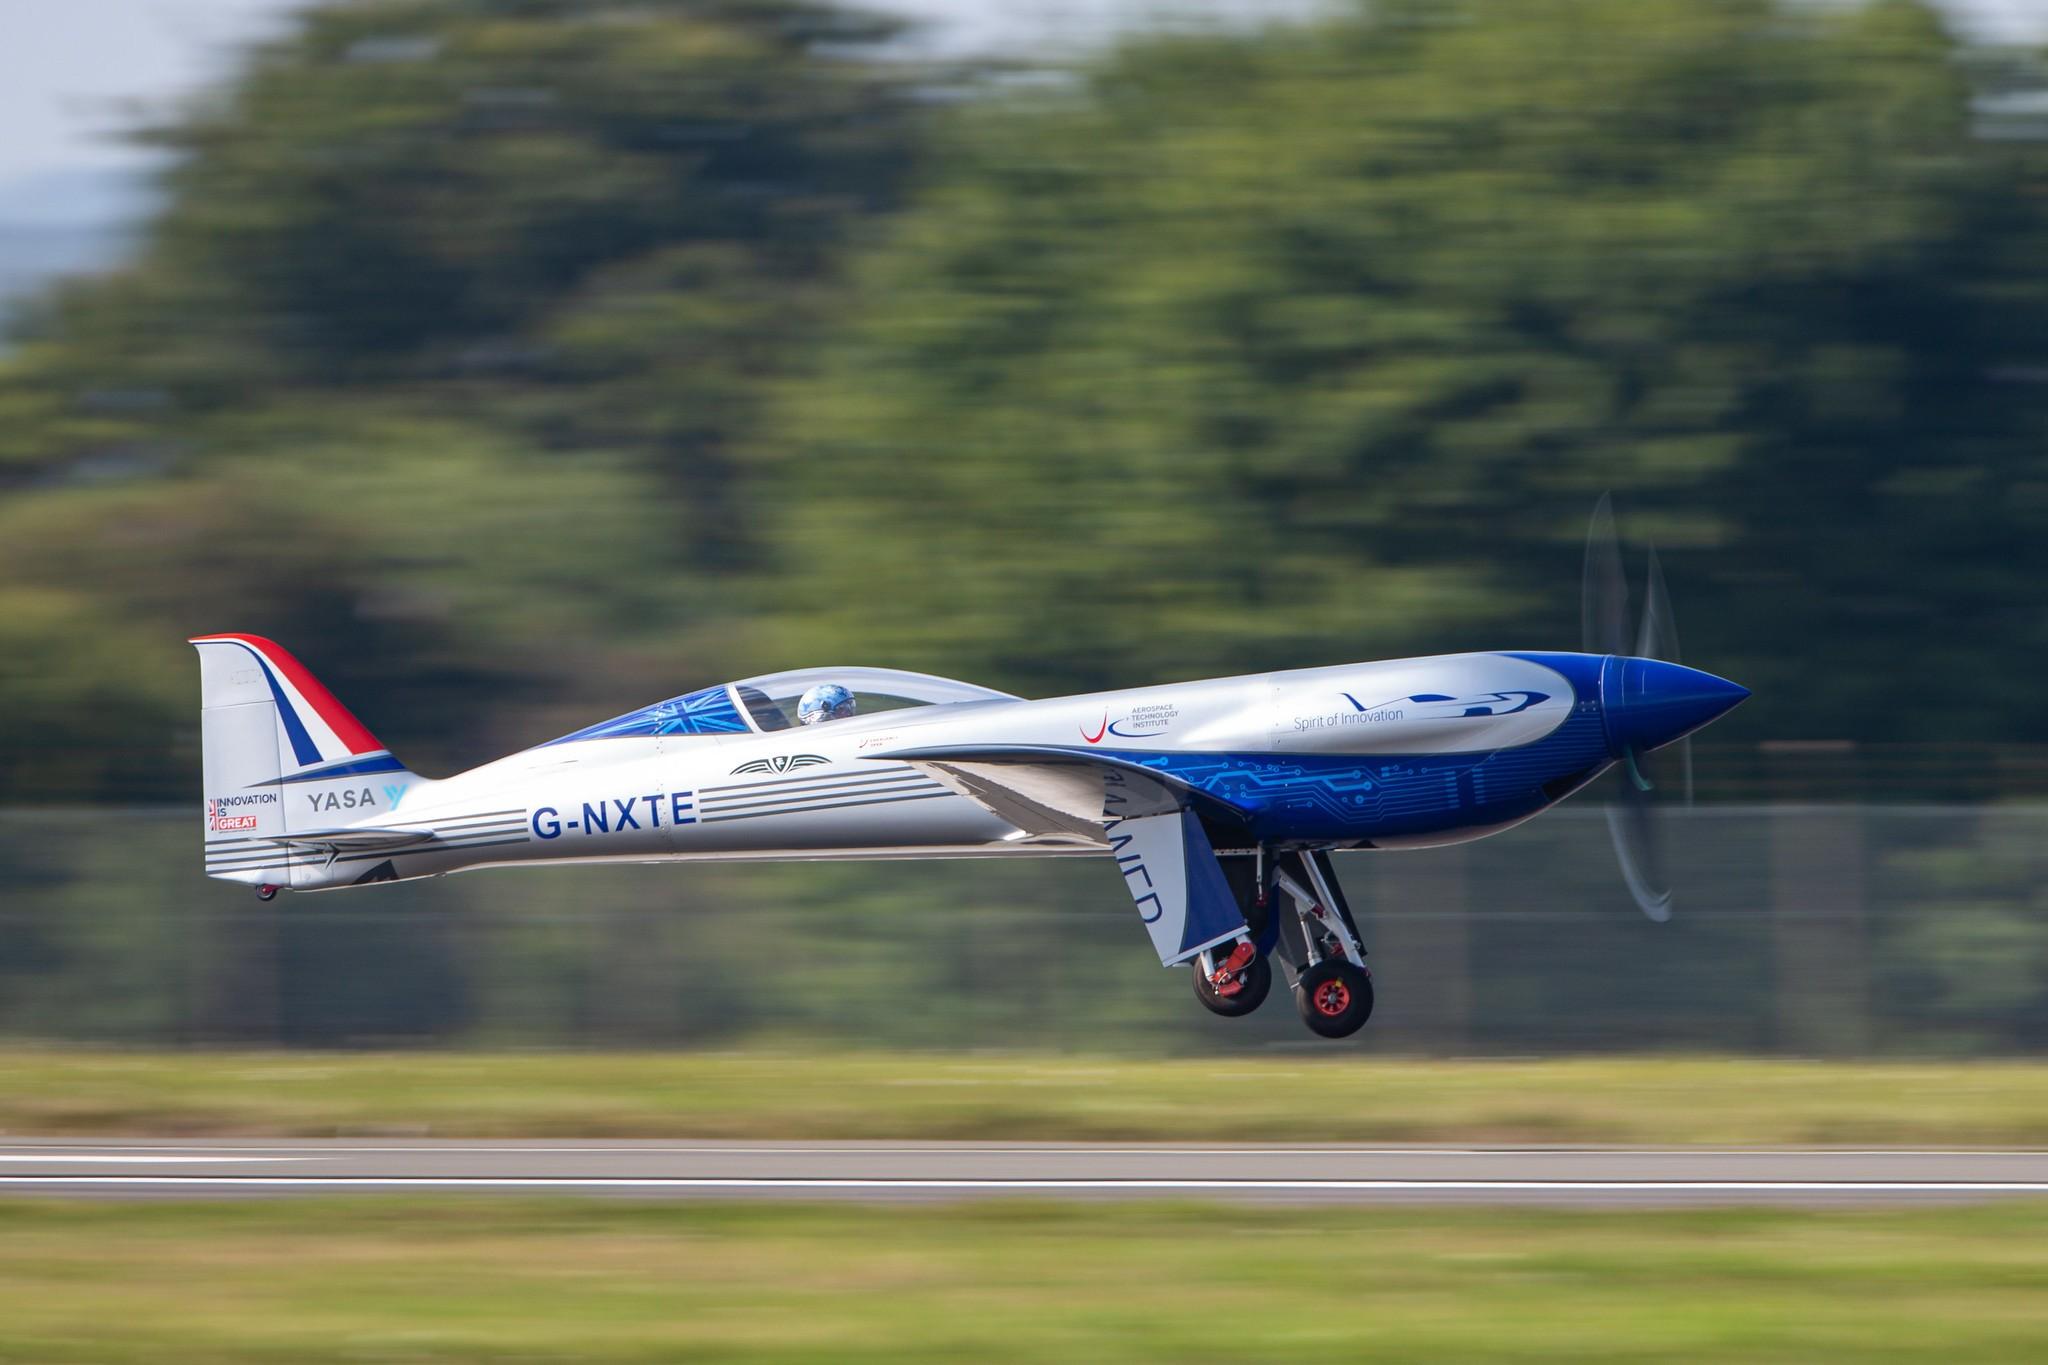 Avião elétrico da Rolls-Royce faz primeiro voo teste antes de tentar recorde de 480 km/h